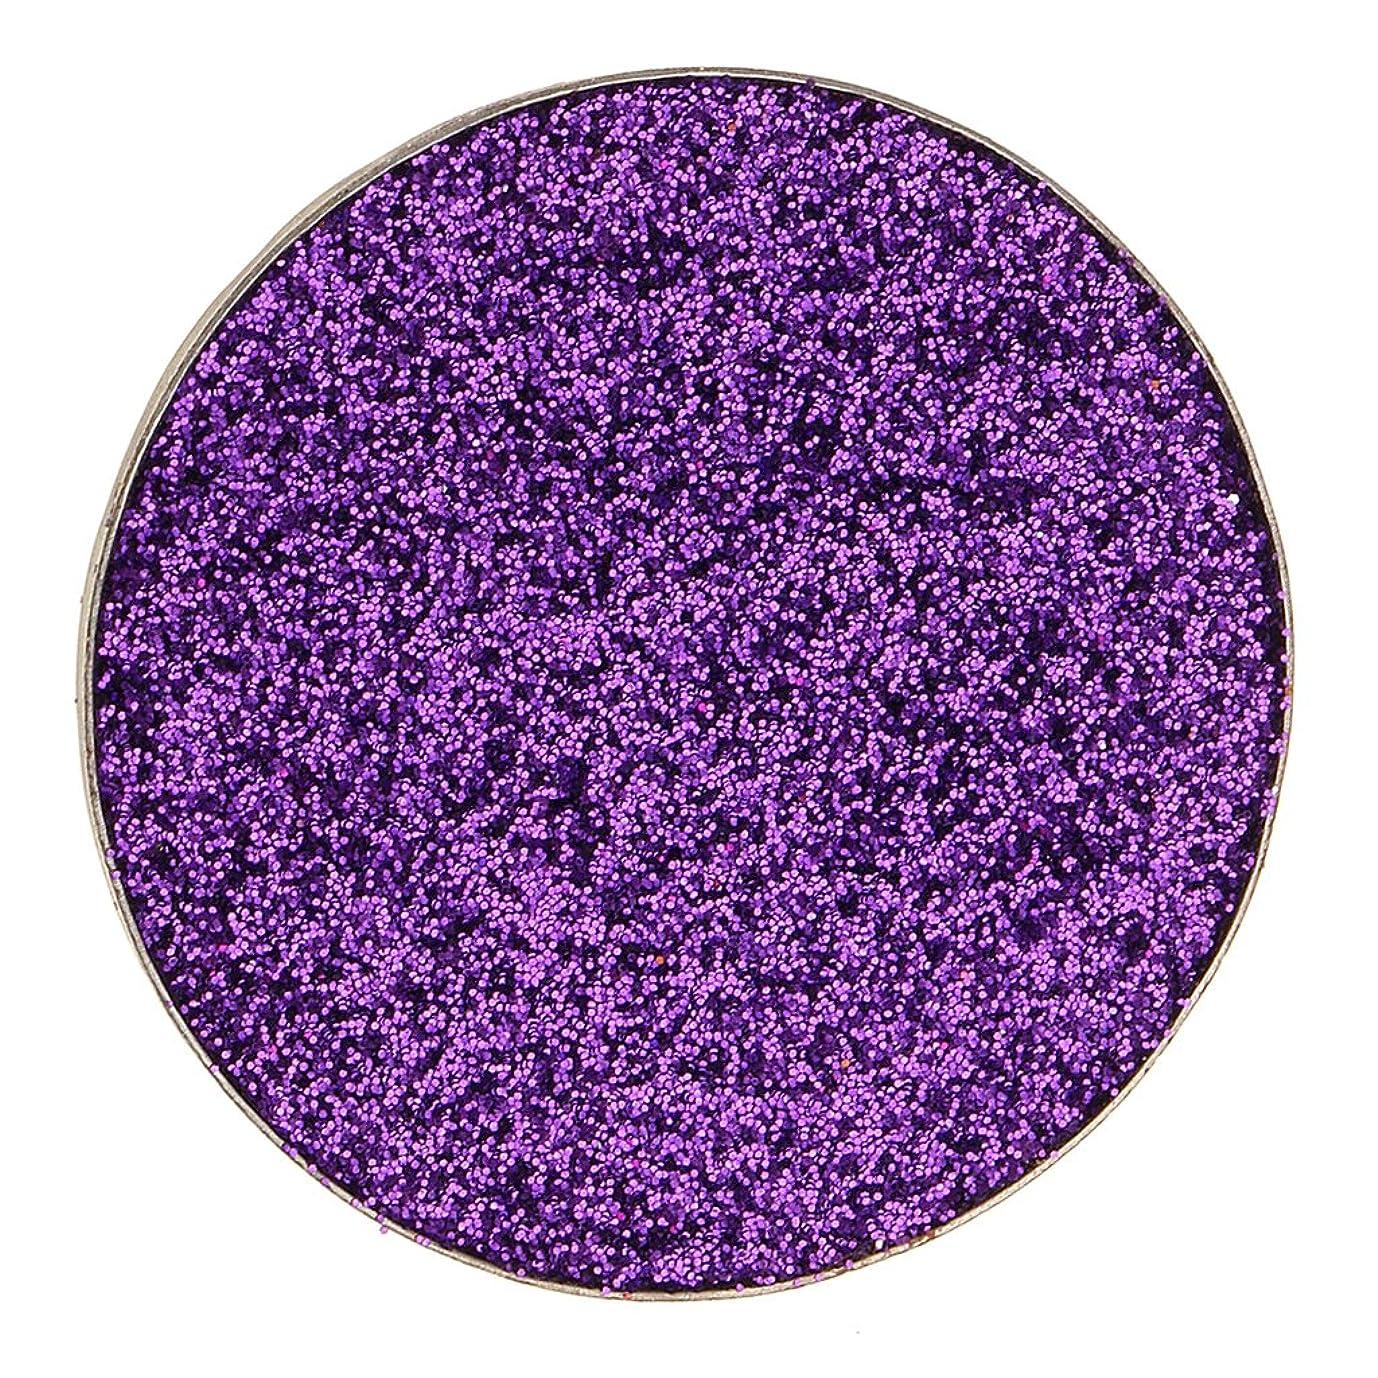 見捨てる敬の念ワックスKesoto ダイヤモンド キラキラ シマー メイクアップ アイシャドウ 顔料 長持ち 滑らか 全5色 - 紫